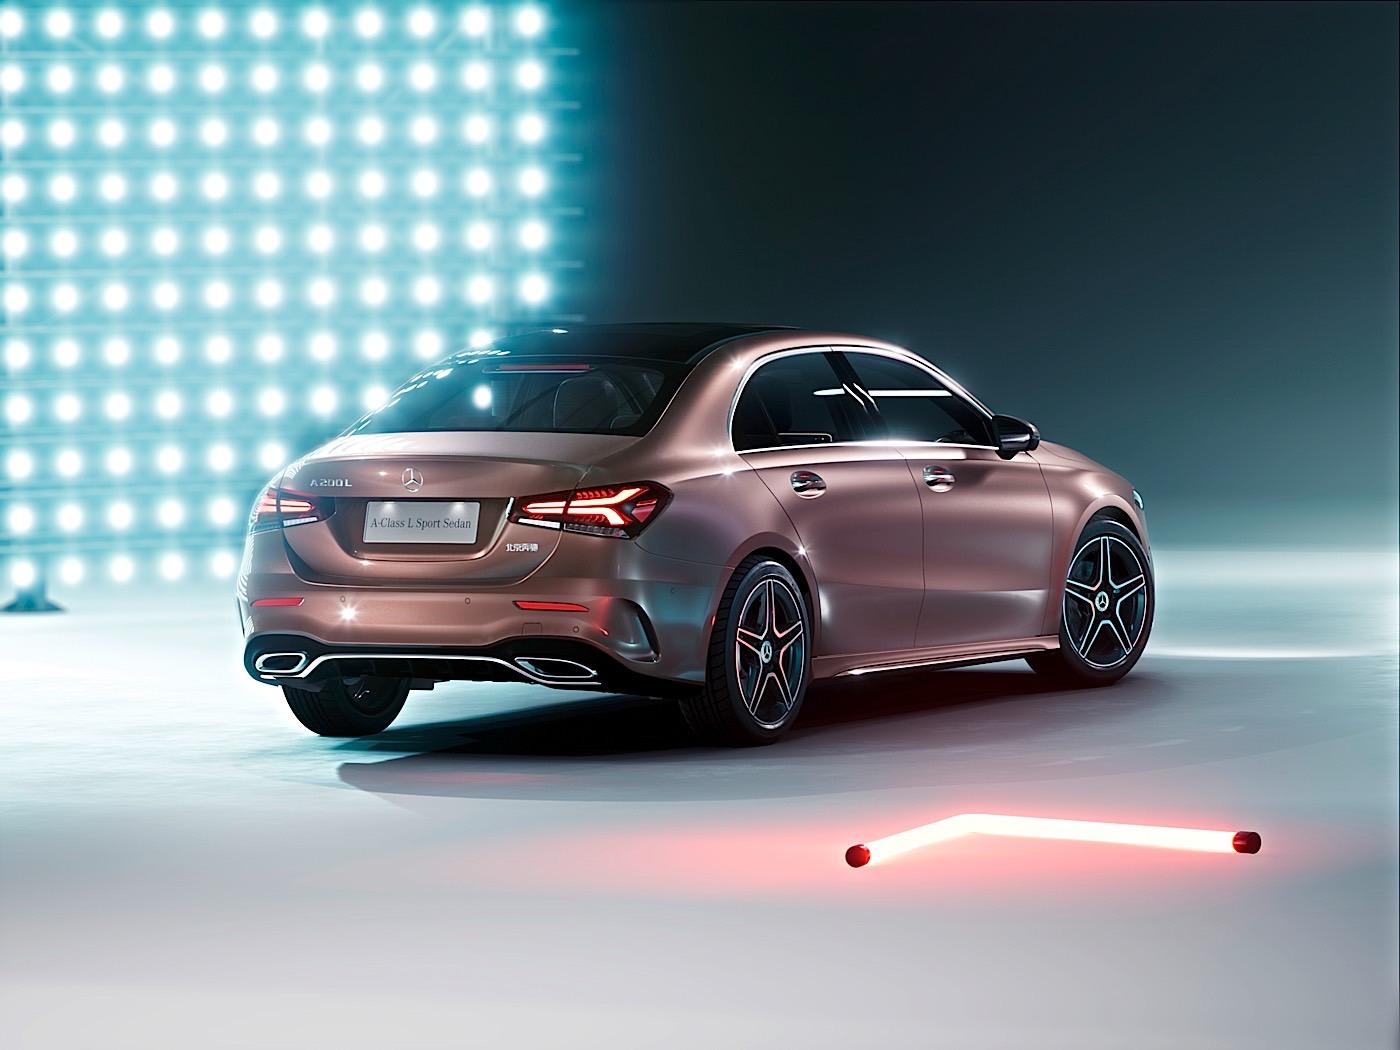 Mercedes-Benz nadmašio BMW i Audi po prodaji u Kini tokom jula